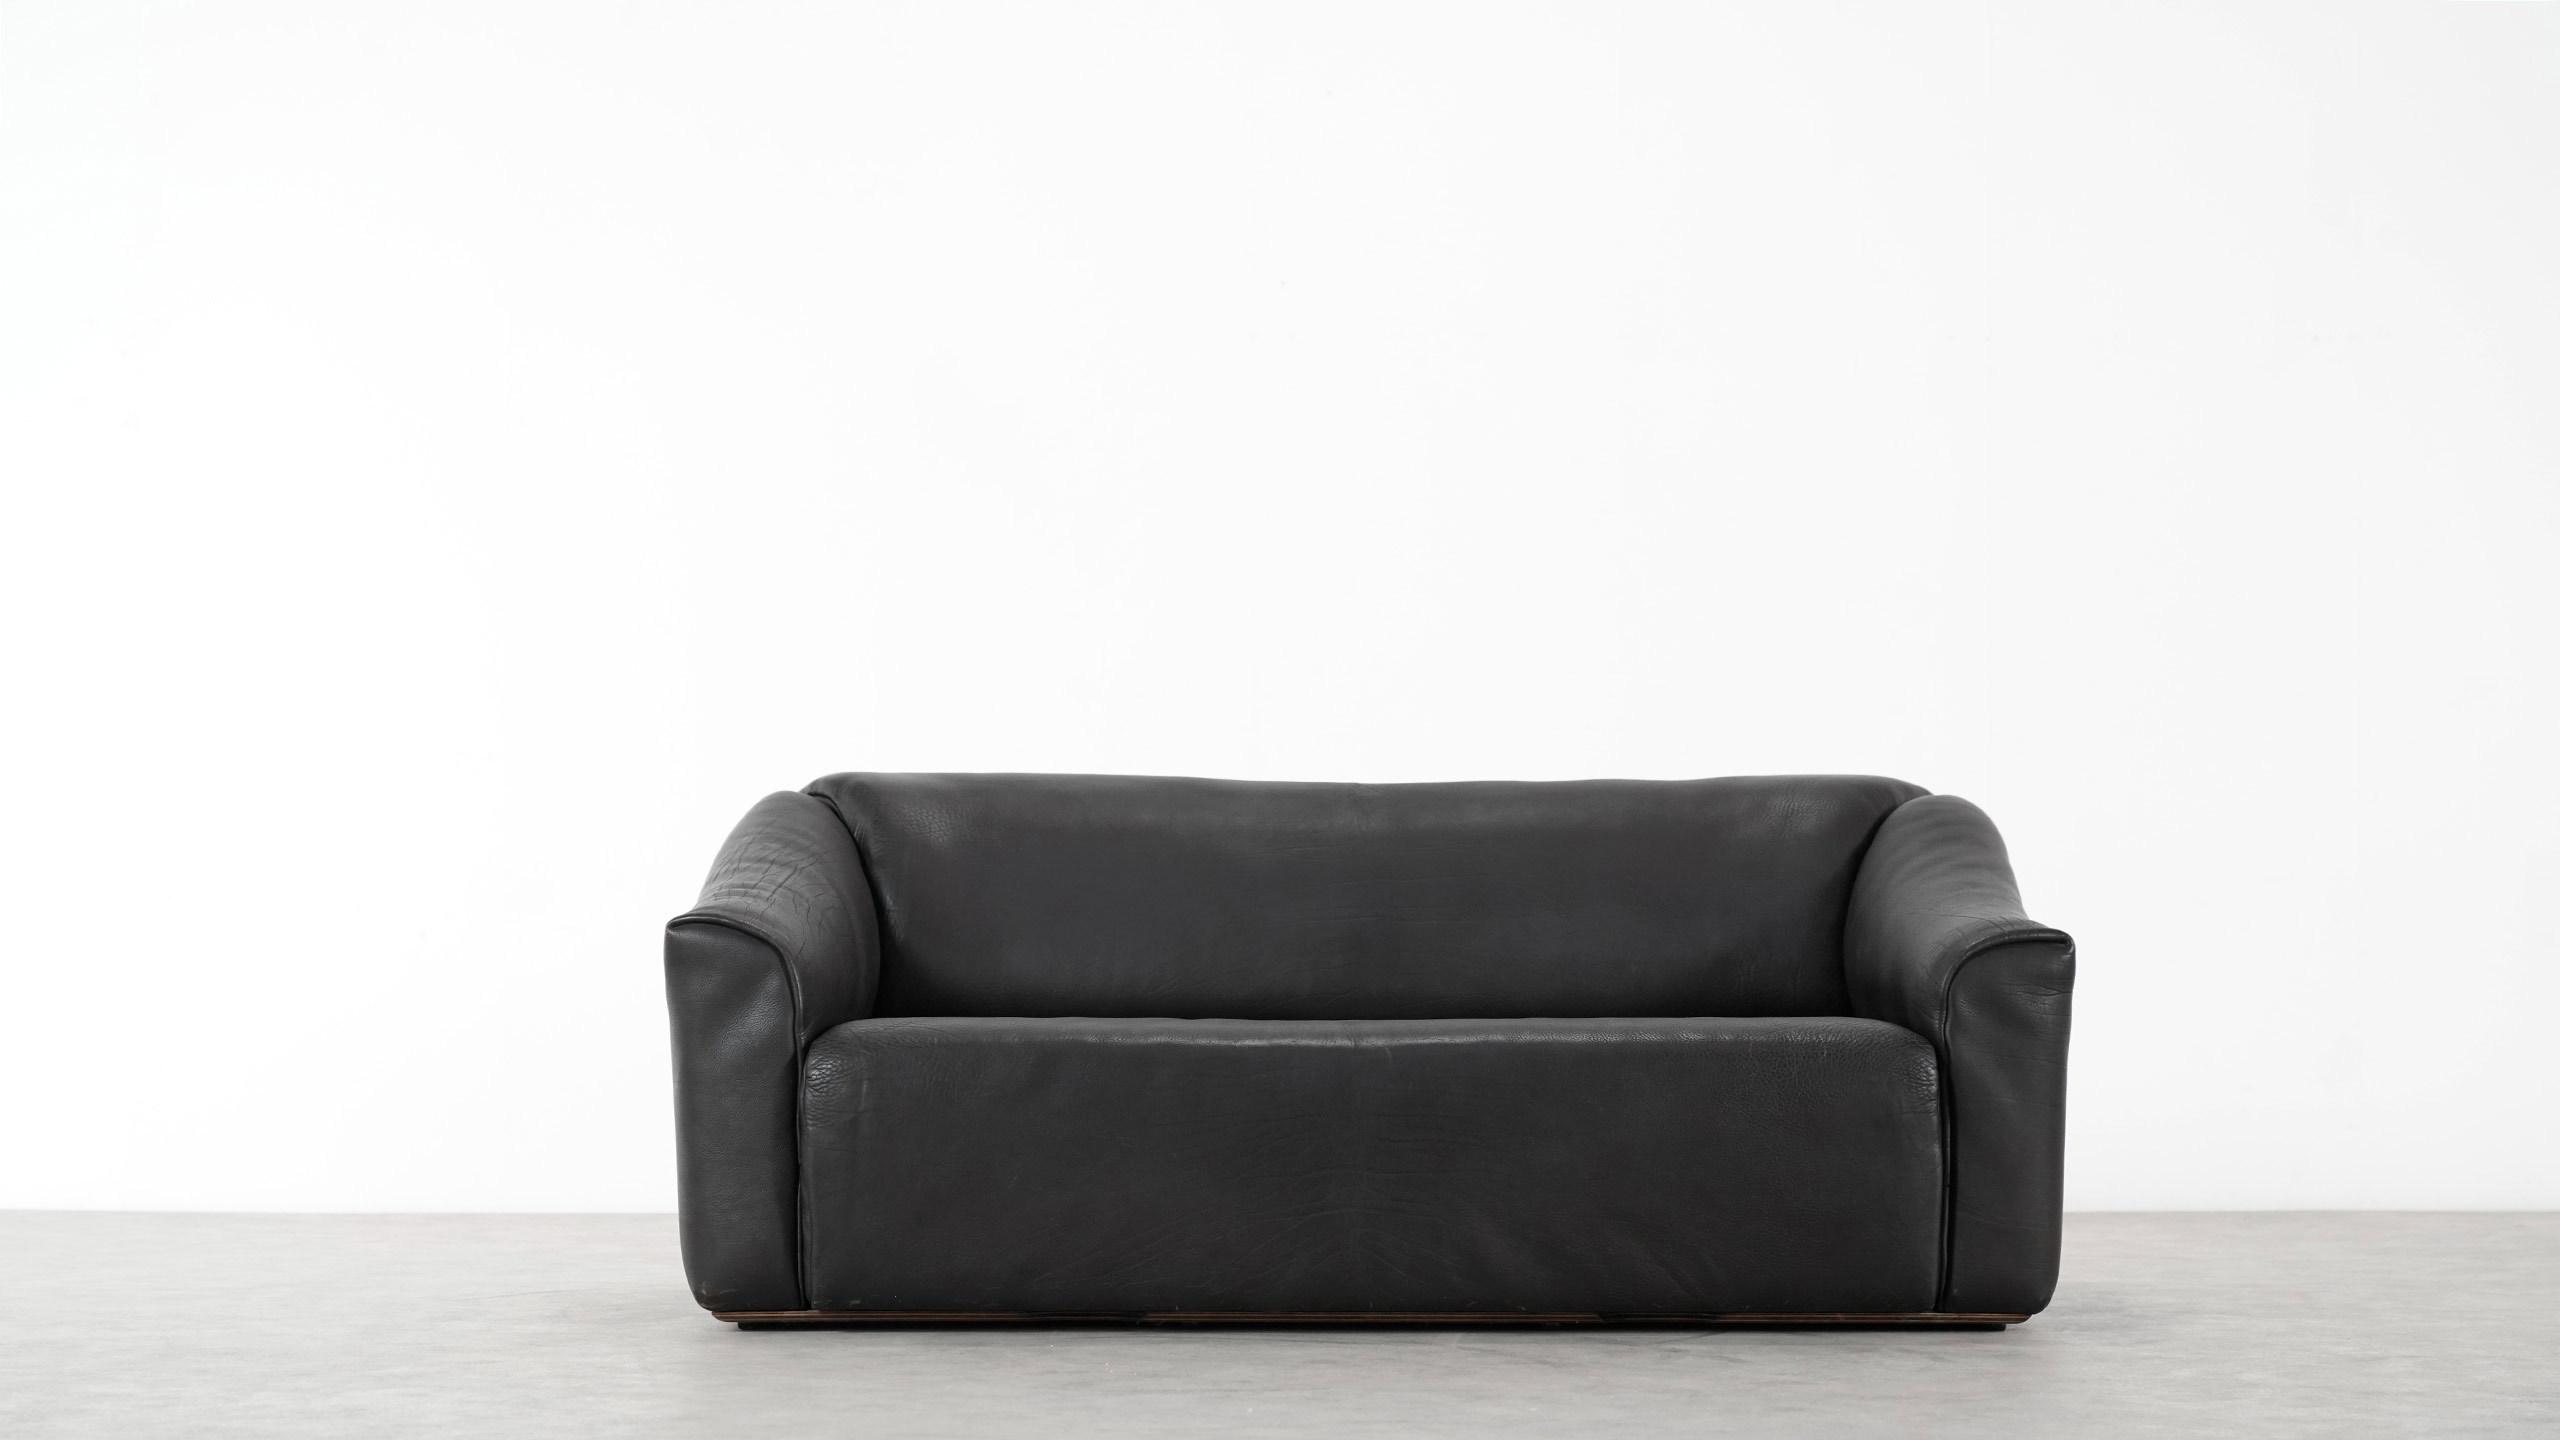 Full Size of De Sede Sofa Sessel Gebraucht Kaufen For Sale Preise Used Ds 47 Uk Outlet Leder Bed 600 Neck Leather Kandelaber Garten Alcantara Beziehen Togo Salamander Sofa De Sede Sofa